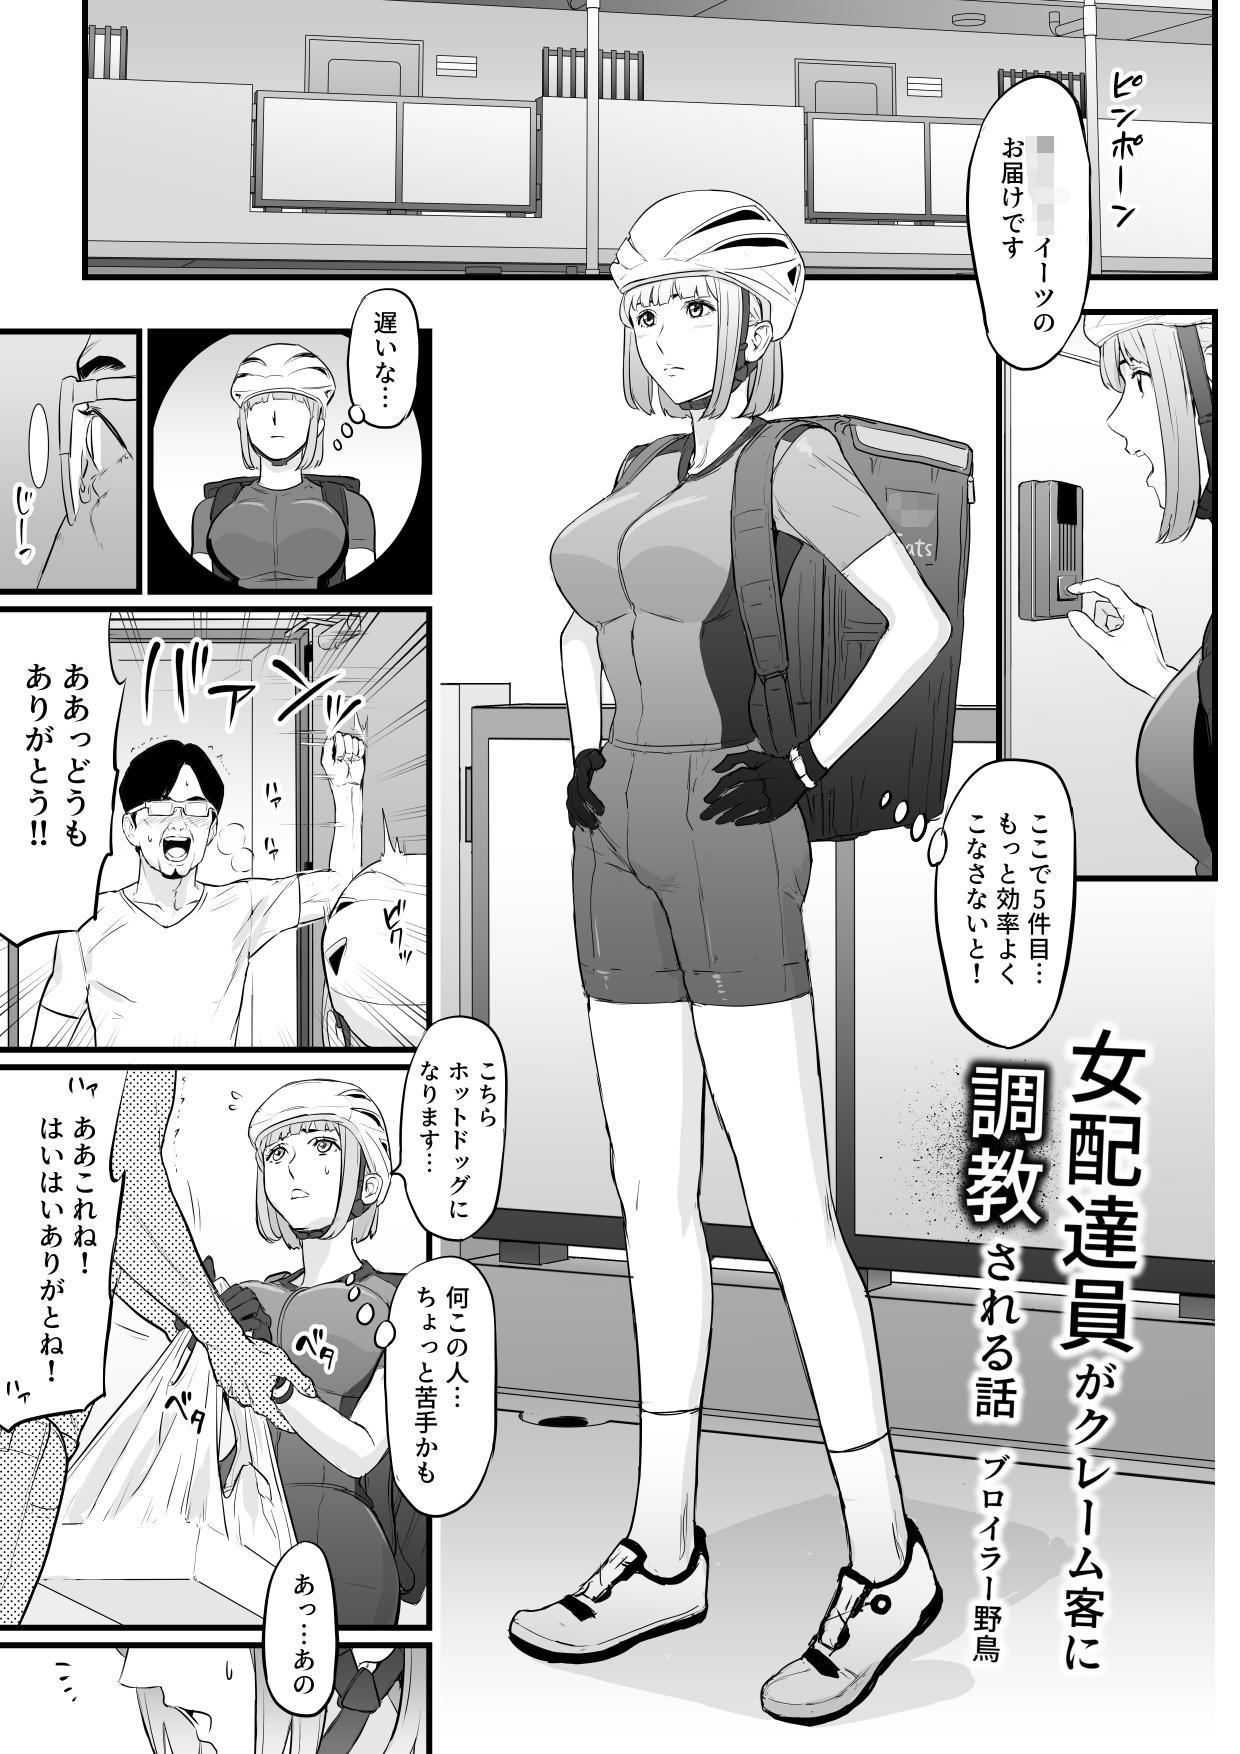 Onna Haitatsuin ga Claim Kyaku ni Choukyou Sareru Hanashi 1